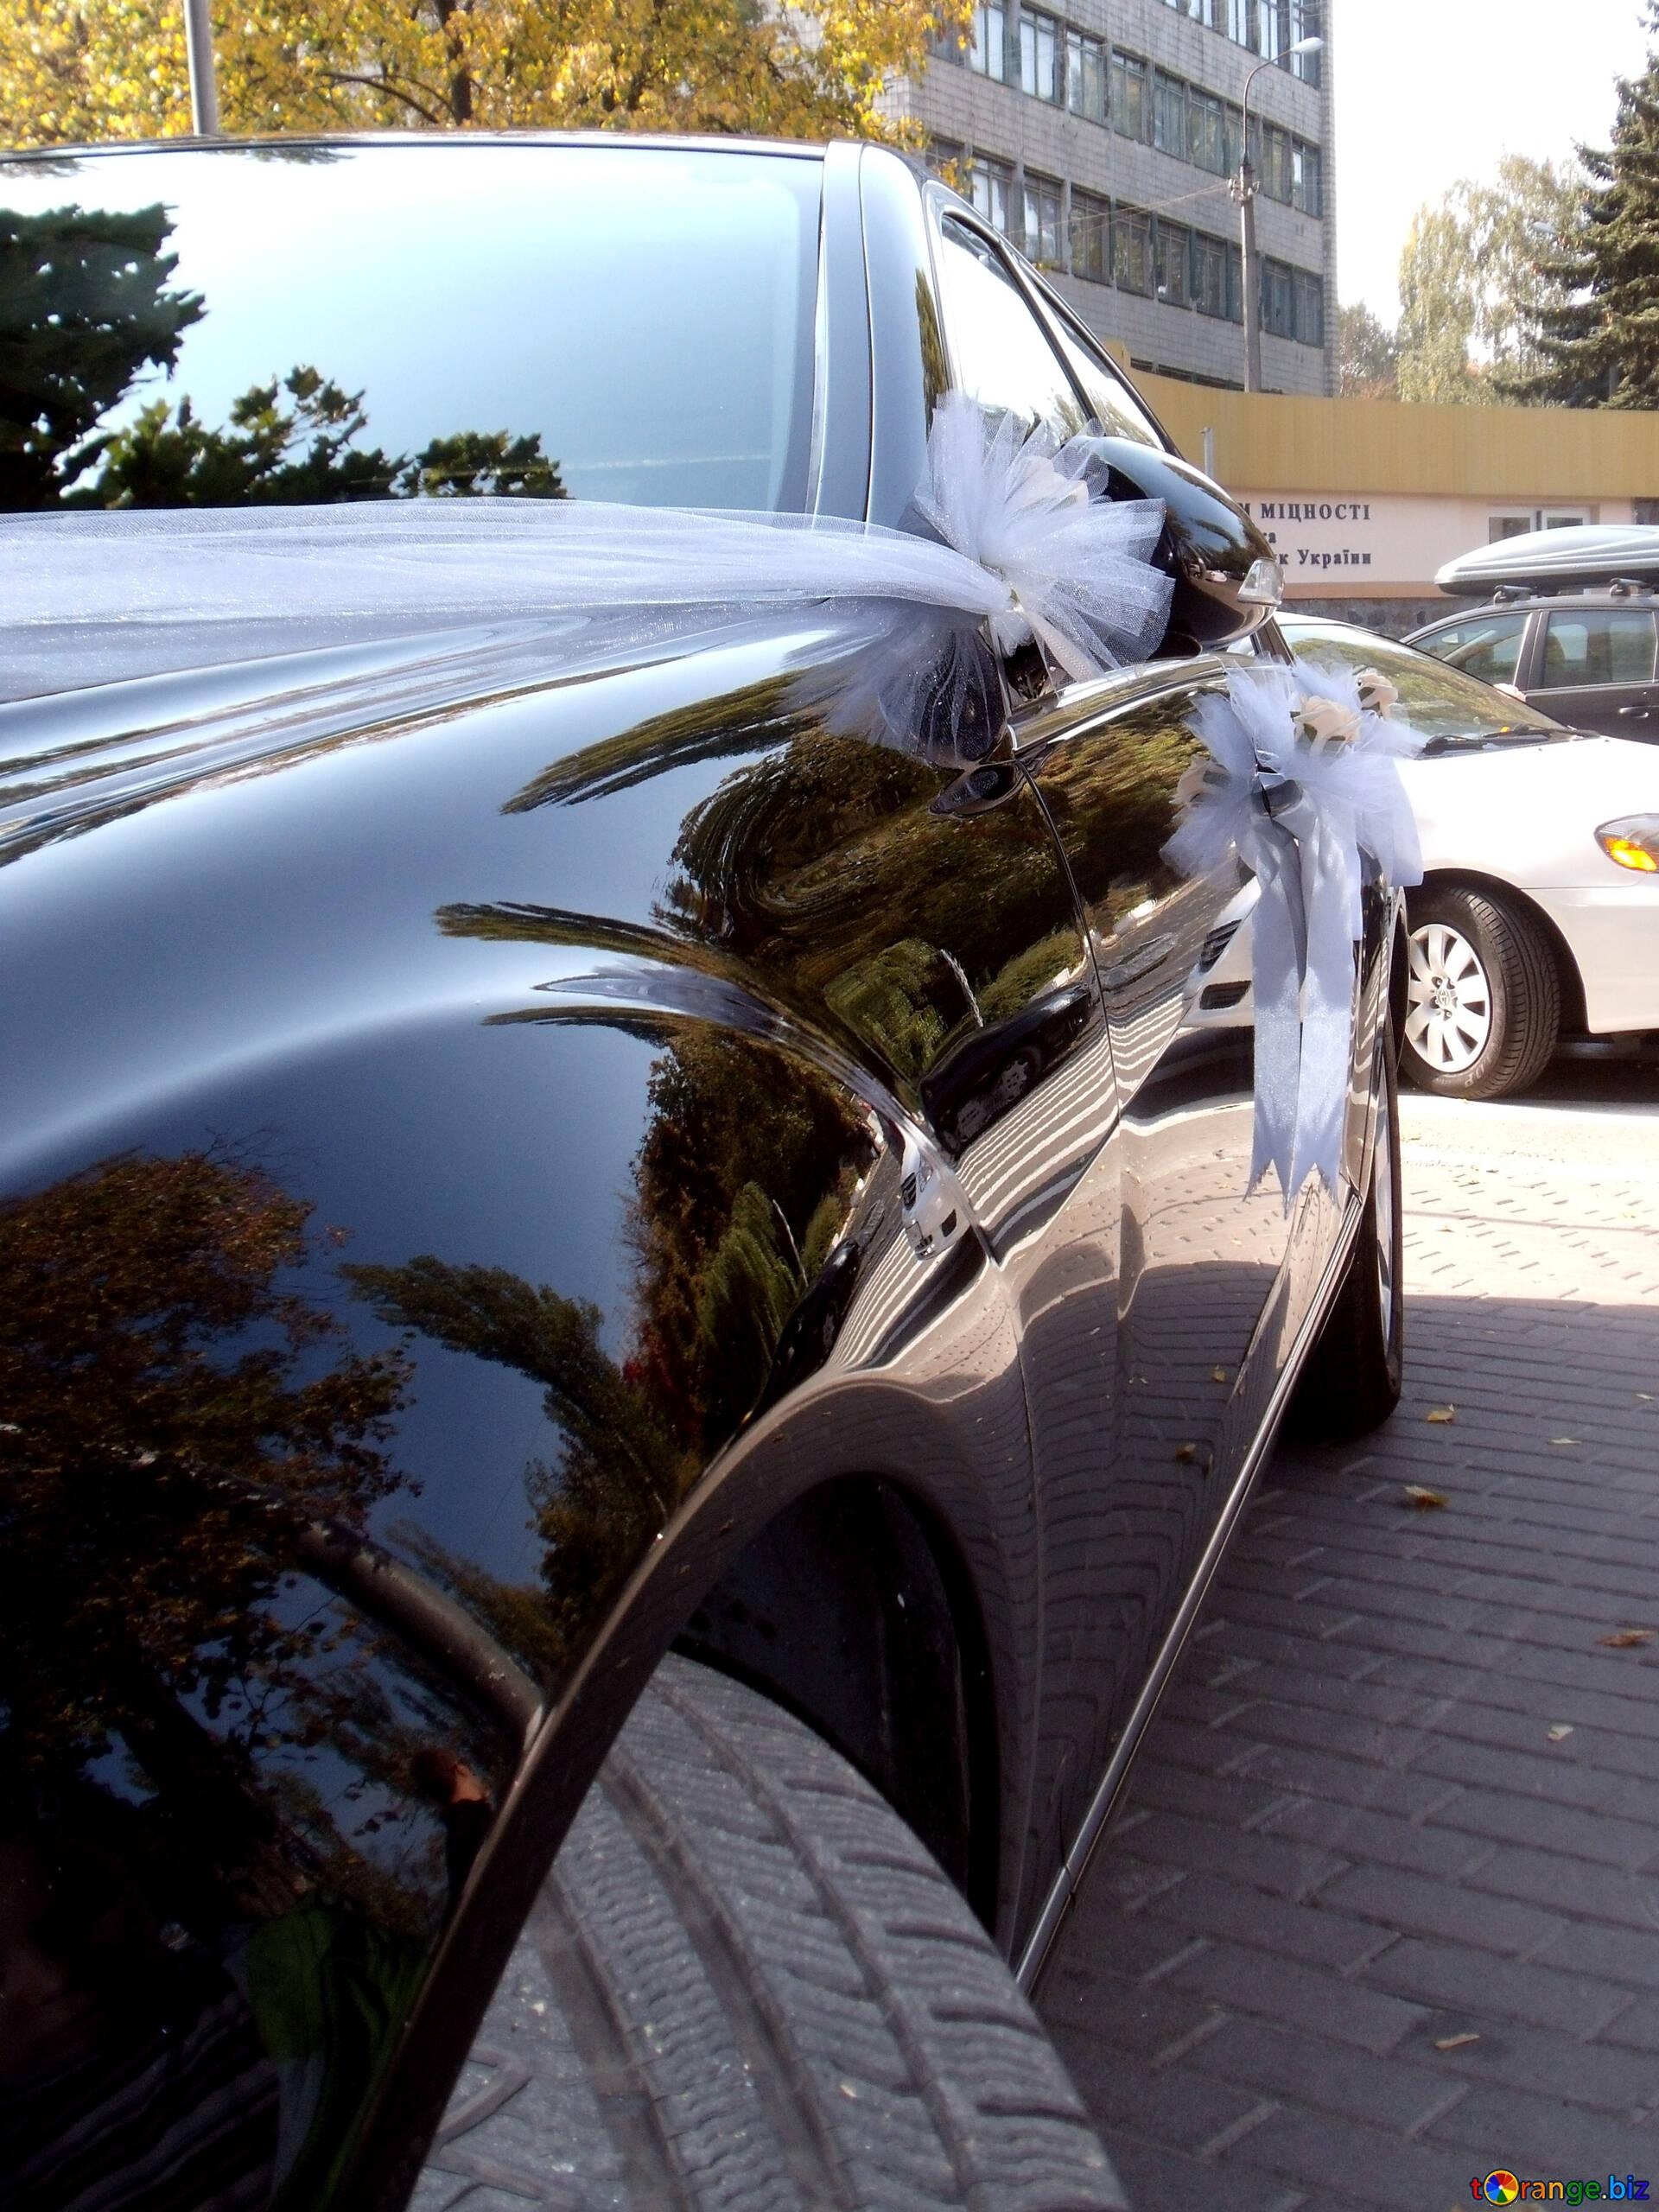 Wedding Decorations For Cars Decoration Wedding Car Car 10093